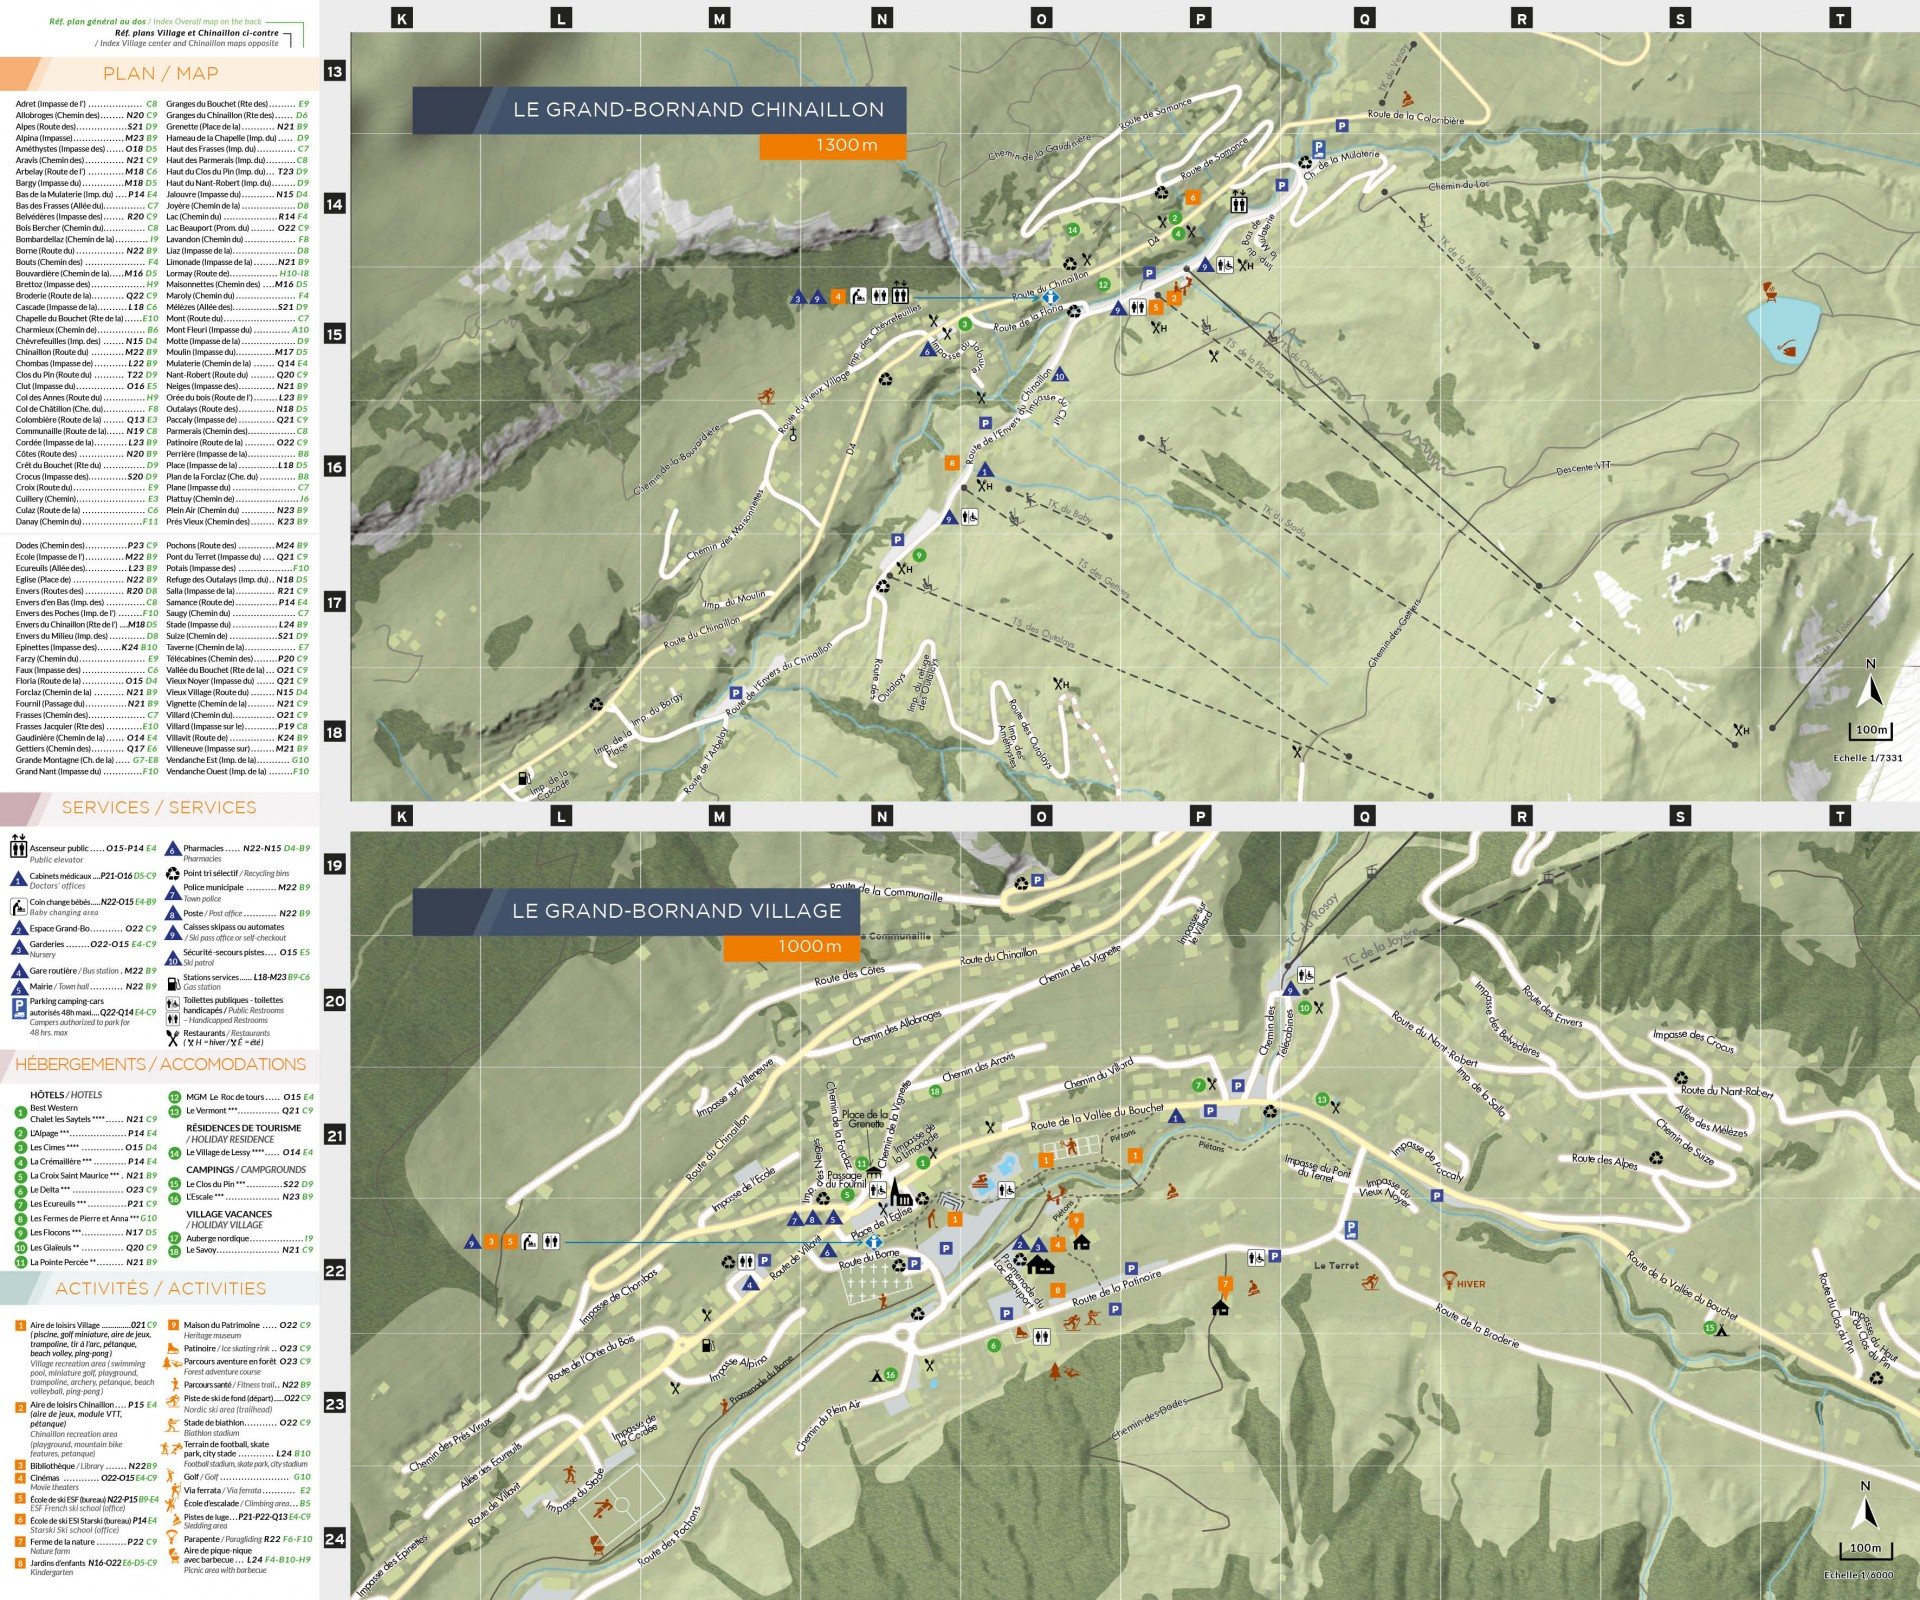 Zooms sur Le Grand-Bornand Village et Le Grand-Bornand Chinaillon